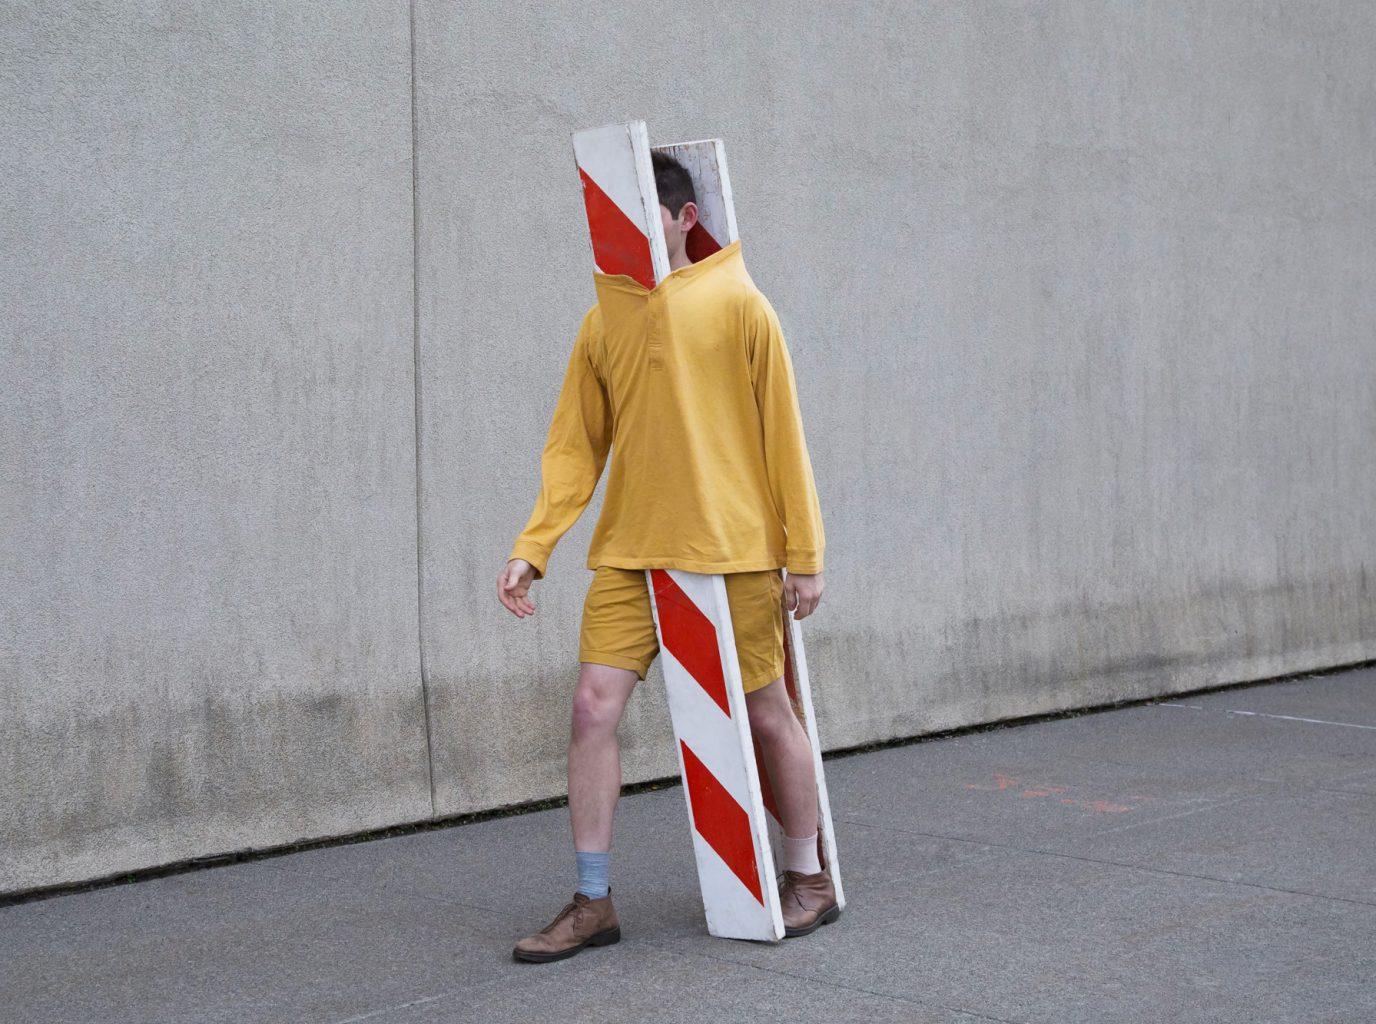 Hombre caminando con señalamientos